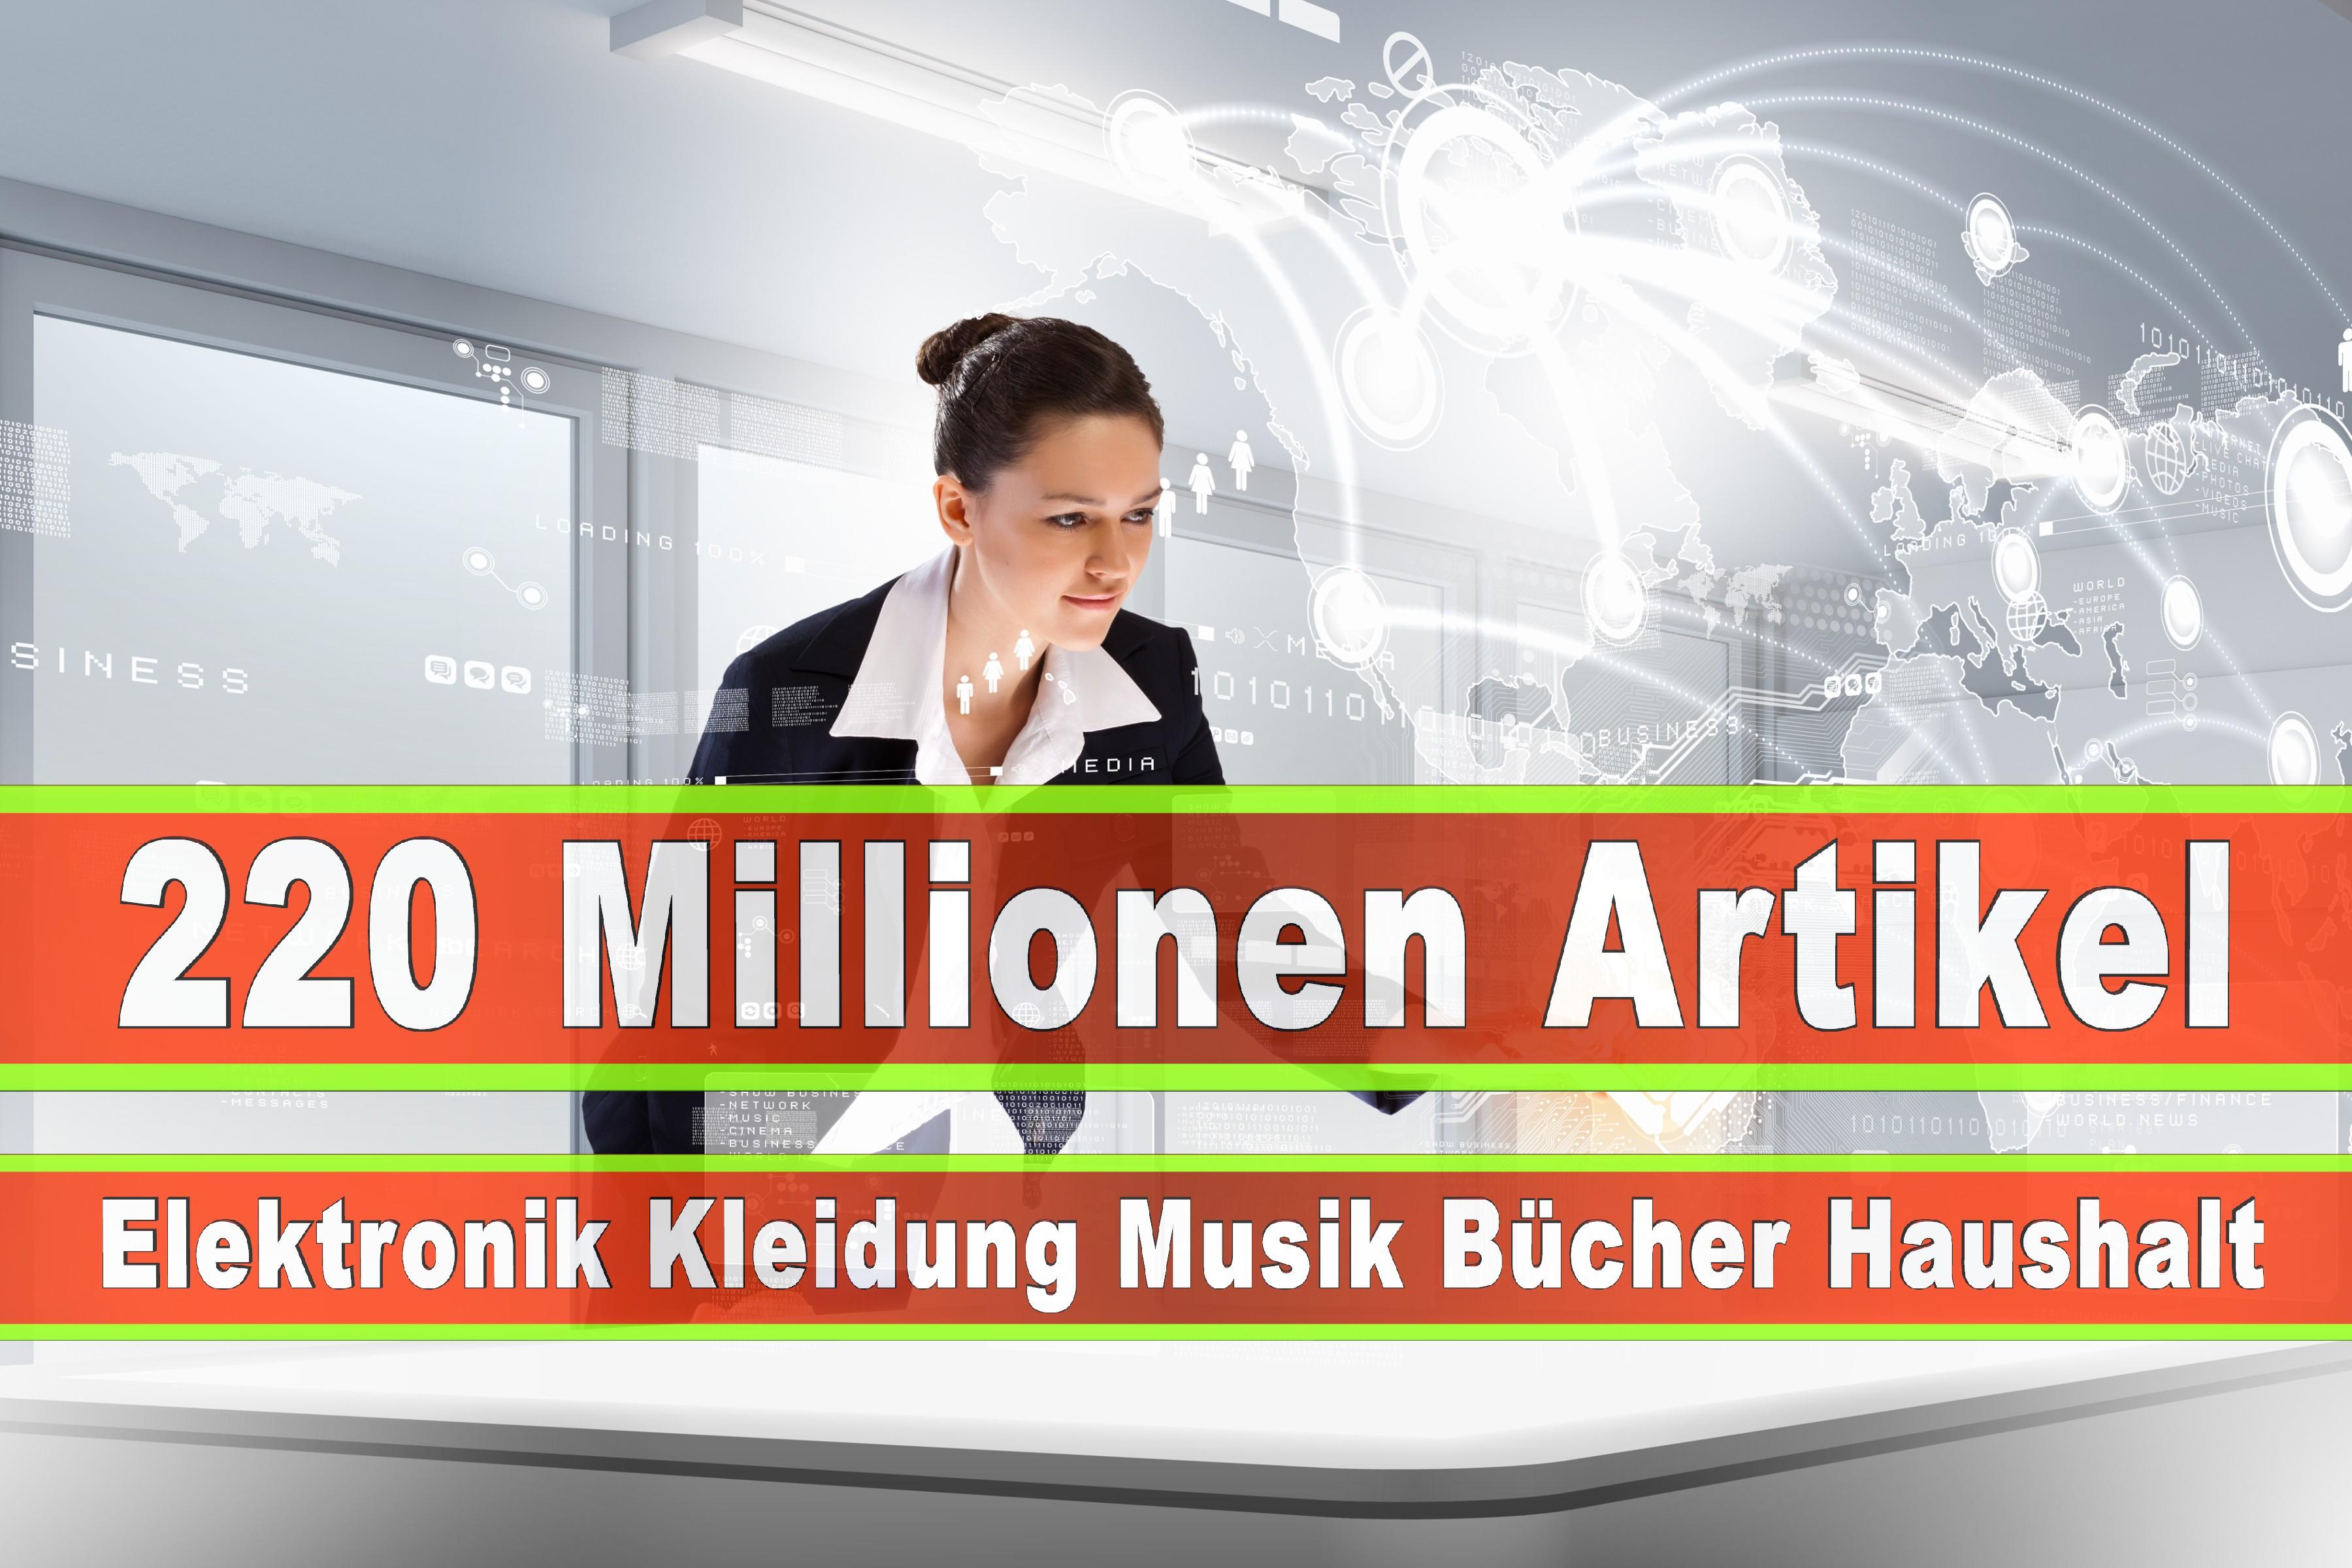 Amazon Elektronik Musik Haushalt Bücher CD DVD Handys Smartphones TV Television Fernseher Kleidung Mode Ebay Versandhaus (49)